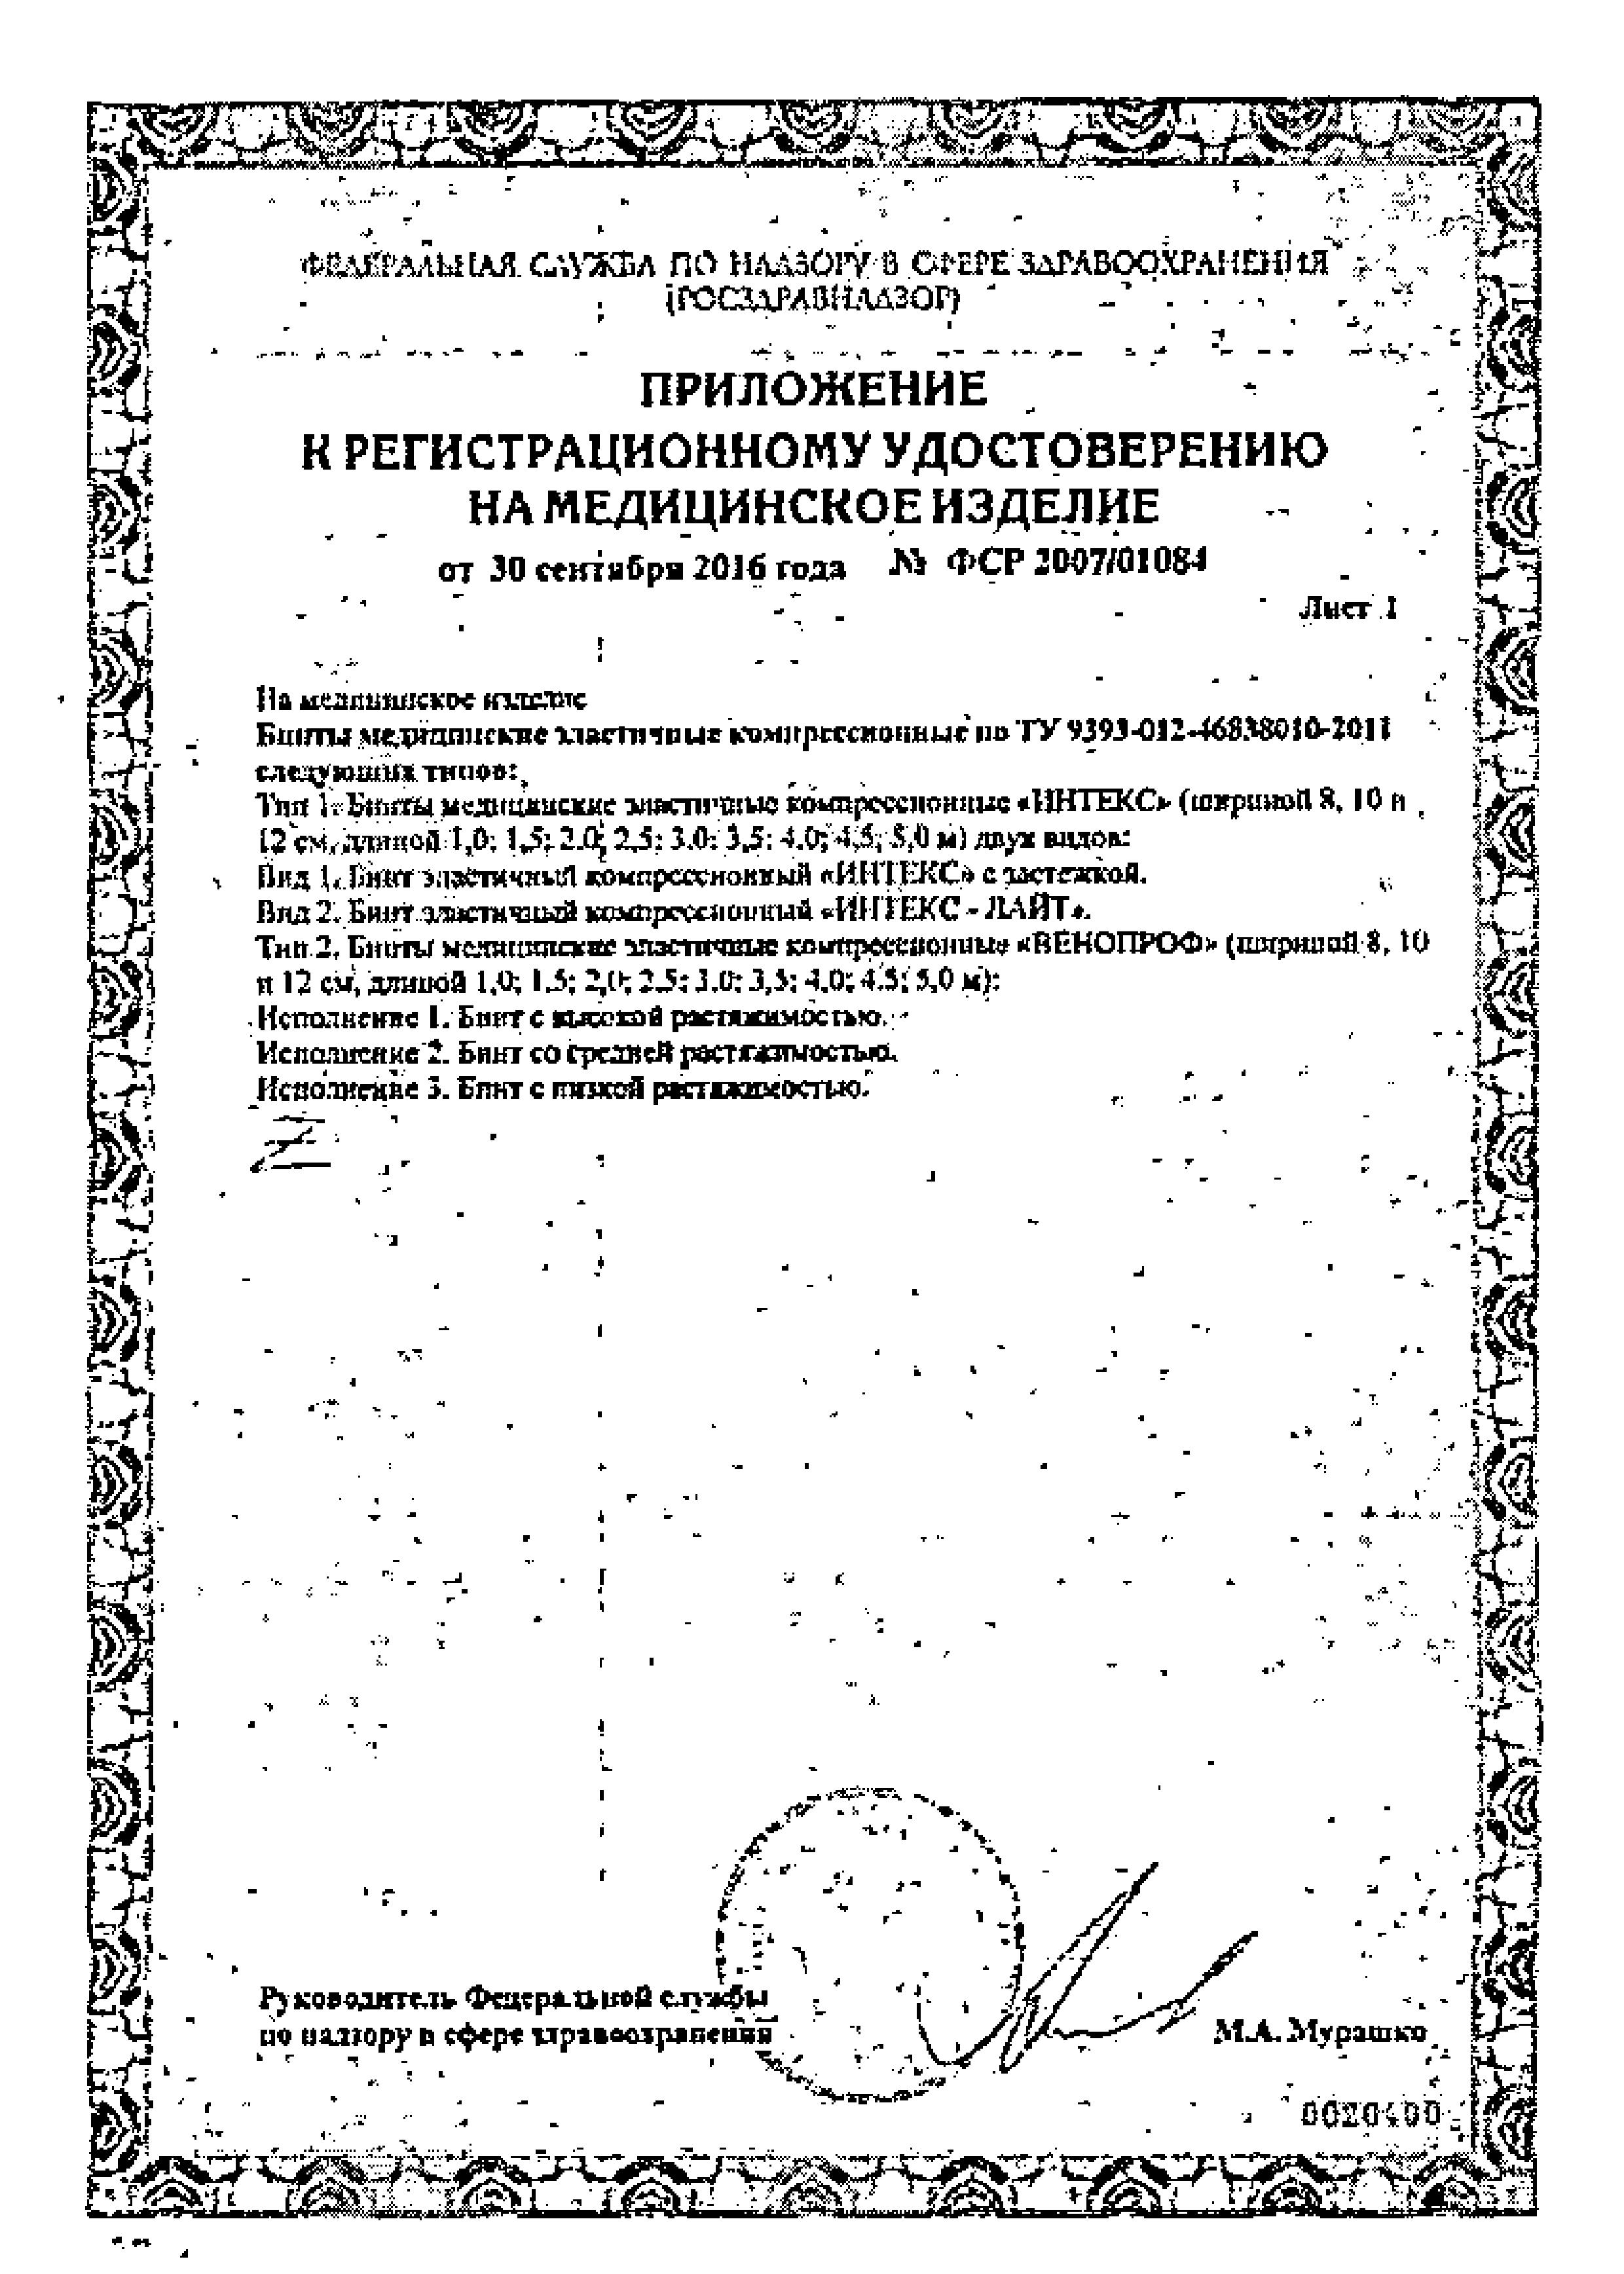 Клинса Бинт эластичный компрессионный сертификат